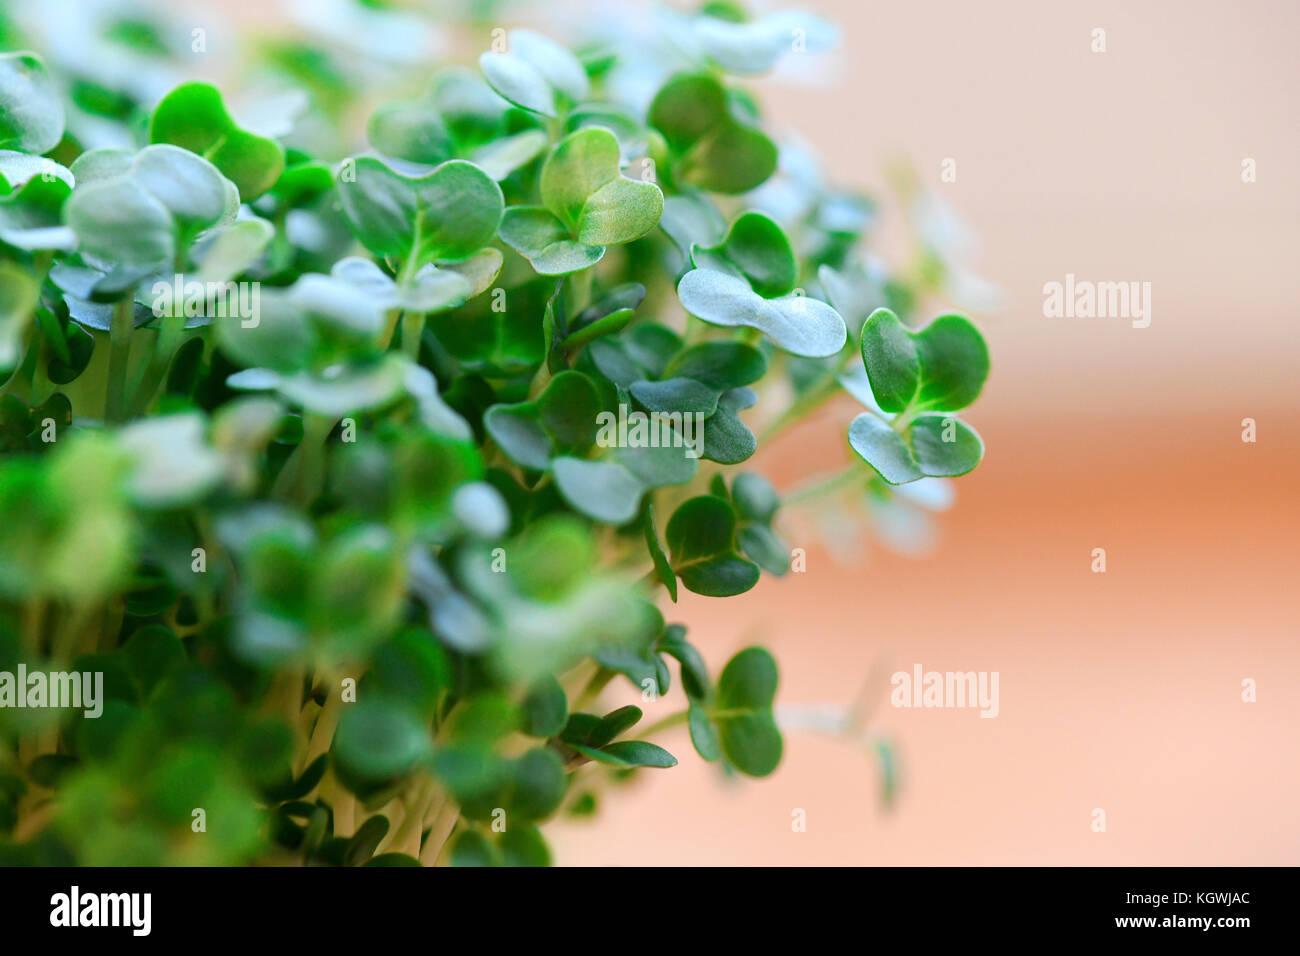 Imagen macro de berro orgánicos utilizados para ensaladas y comidas a base de vegetales una hierba con beneficios Imagen De Stock